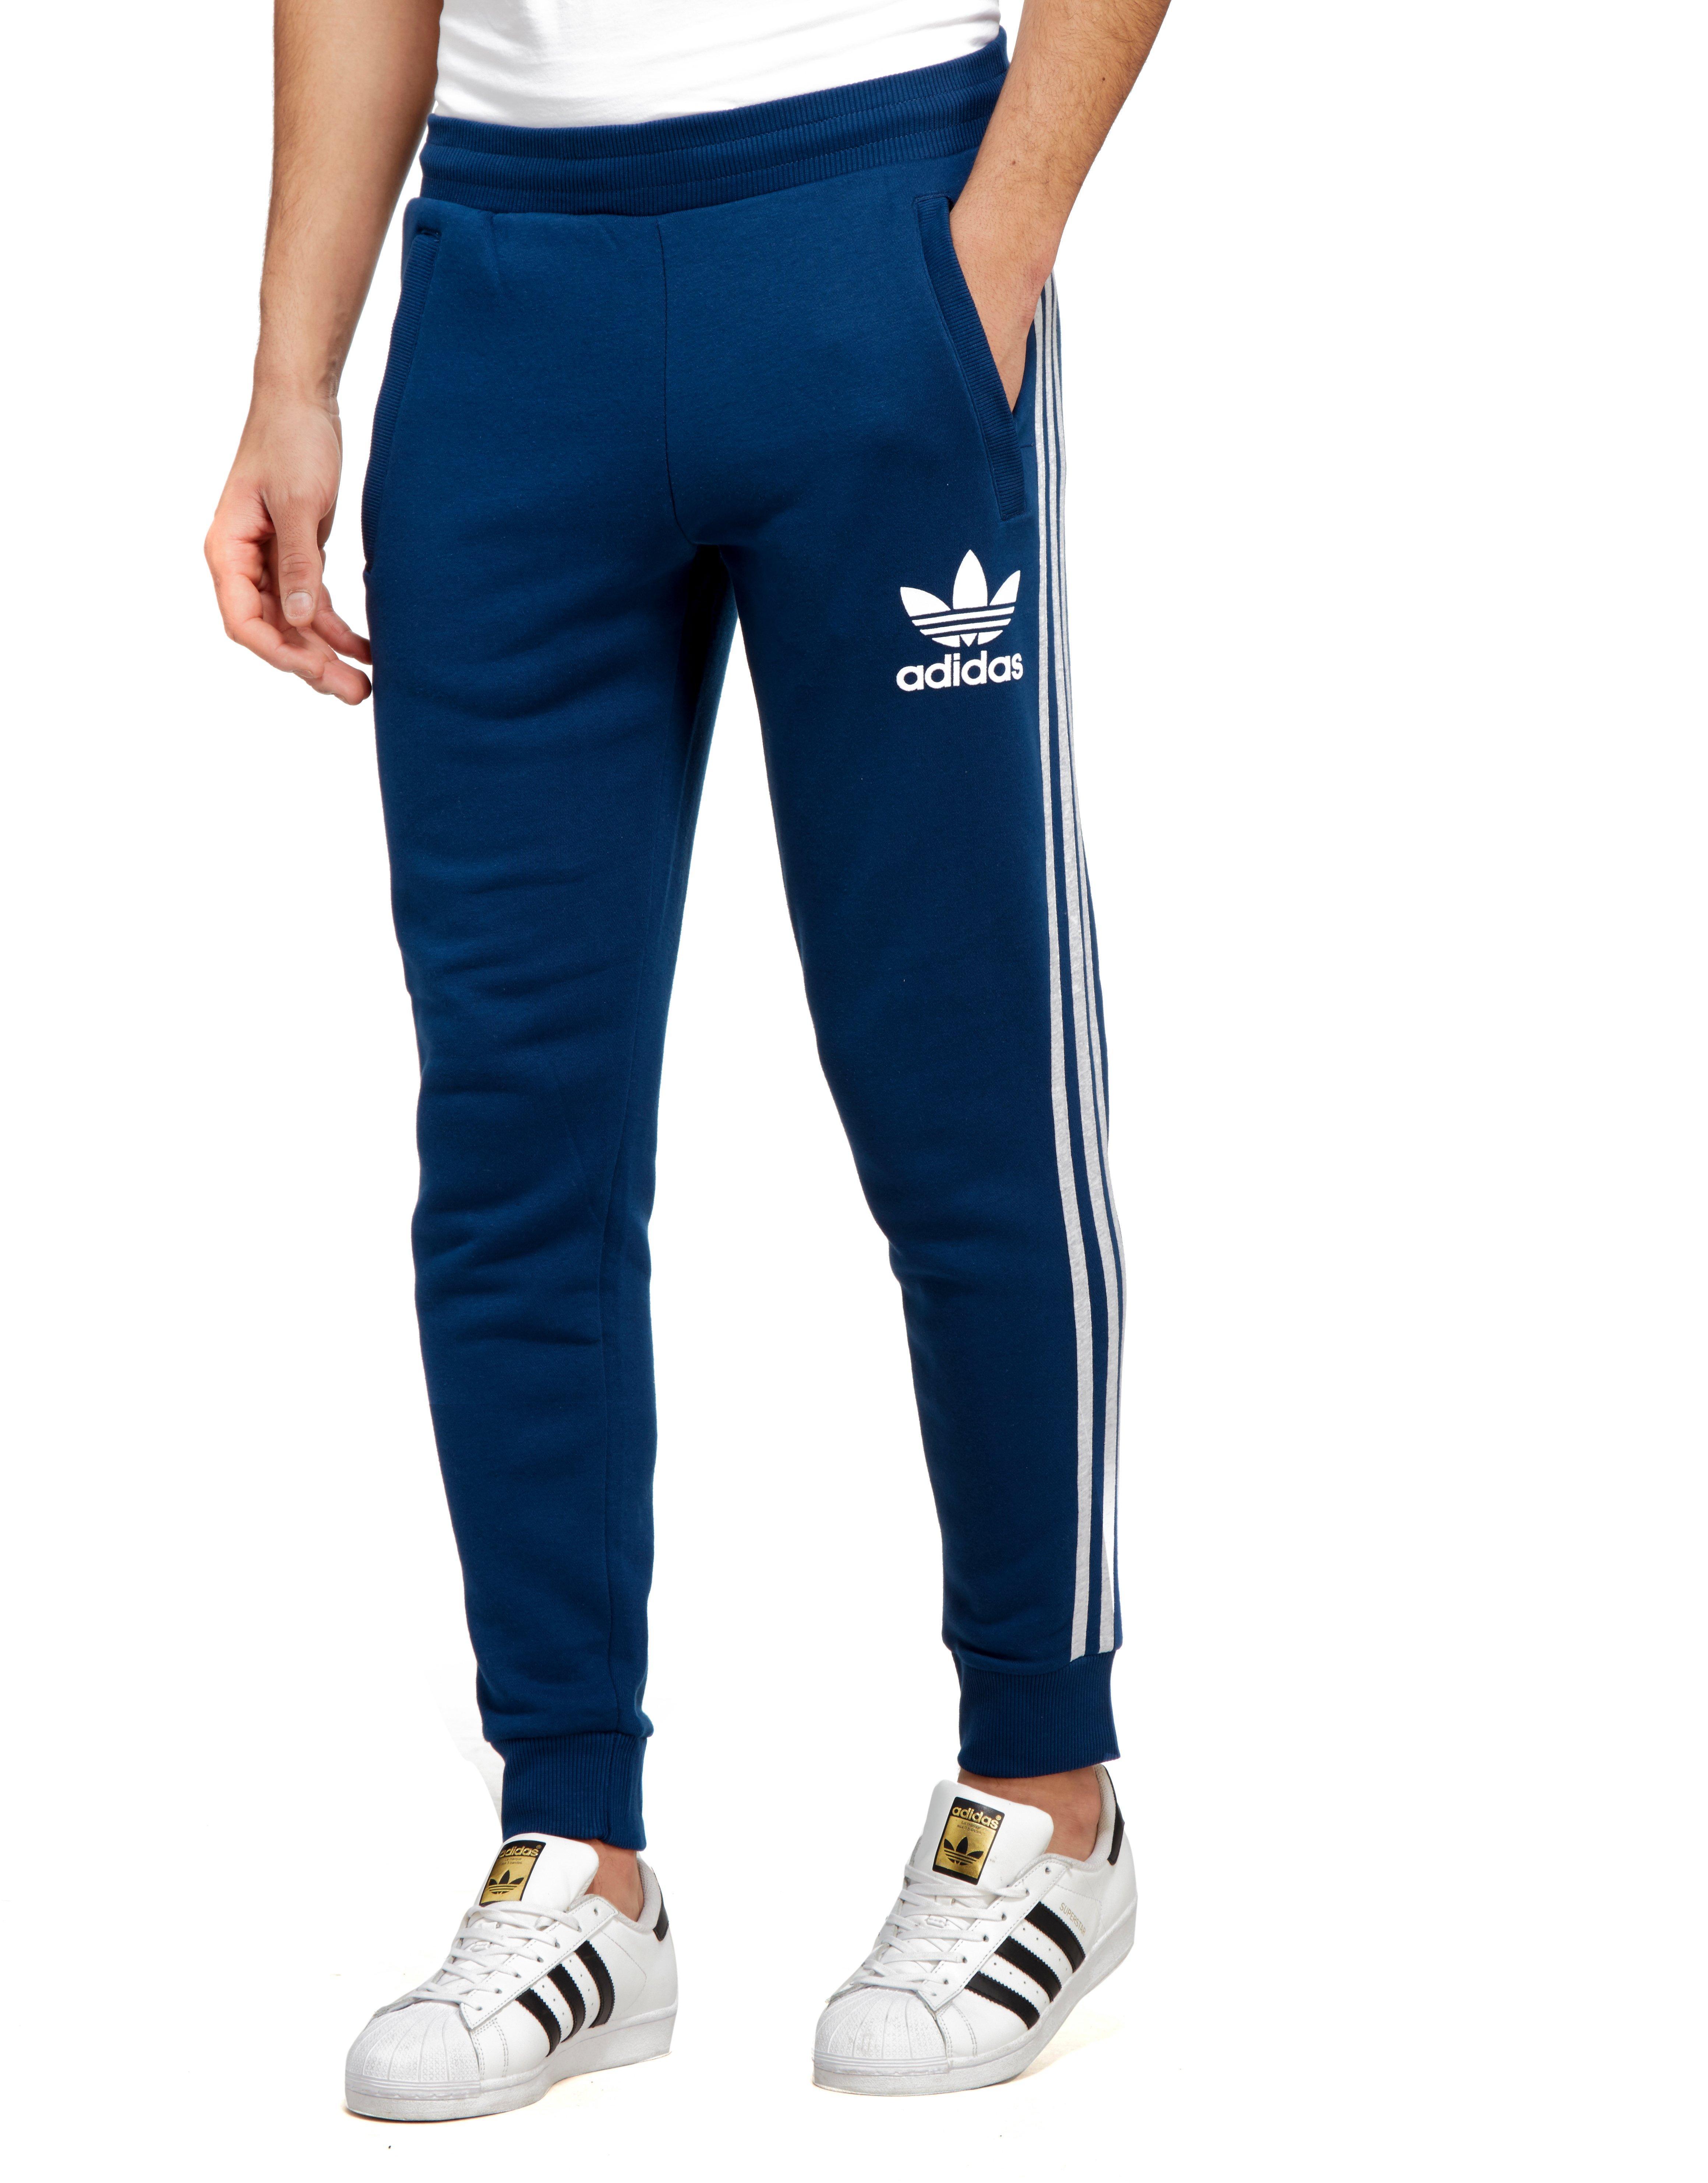 adidas original pantalon